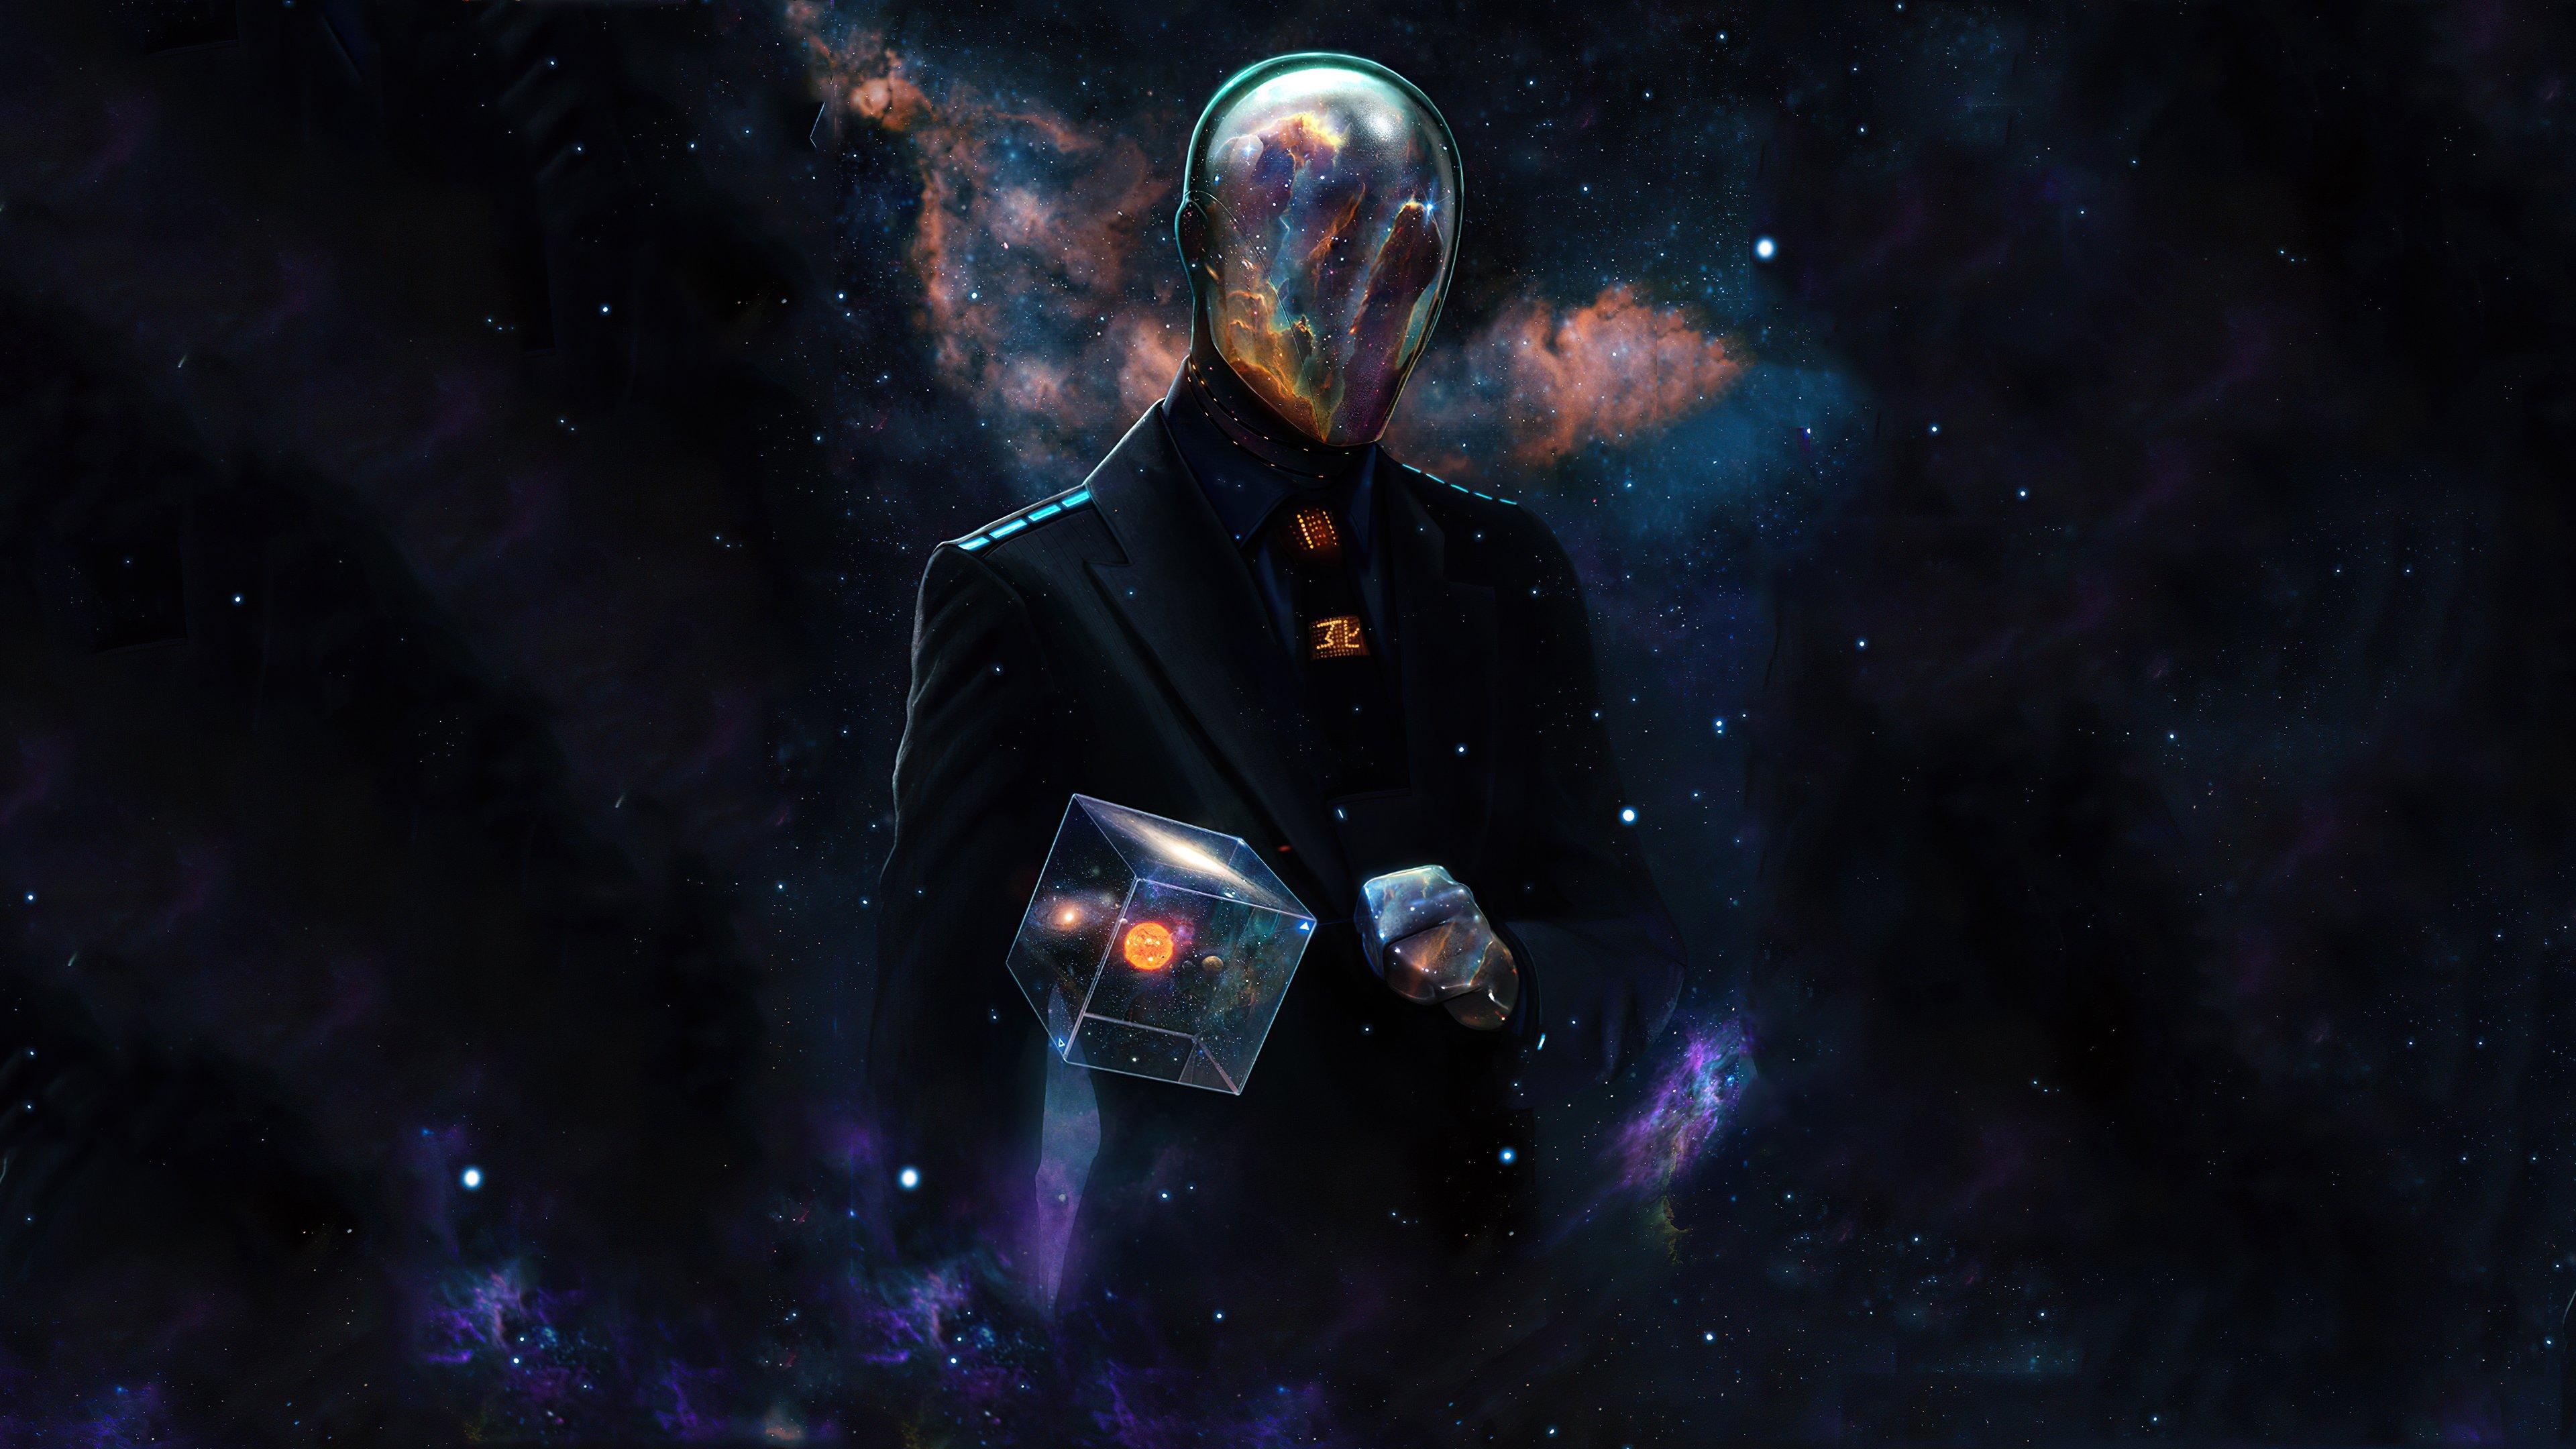 Fondos de pantalla Hombre del espacio